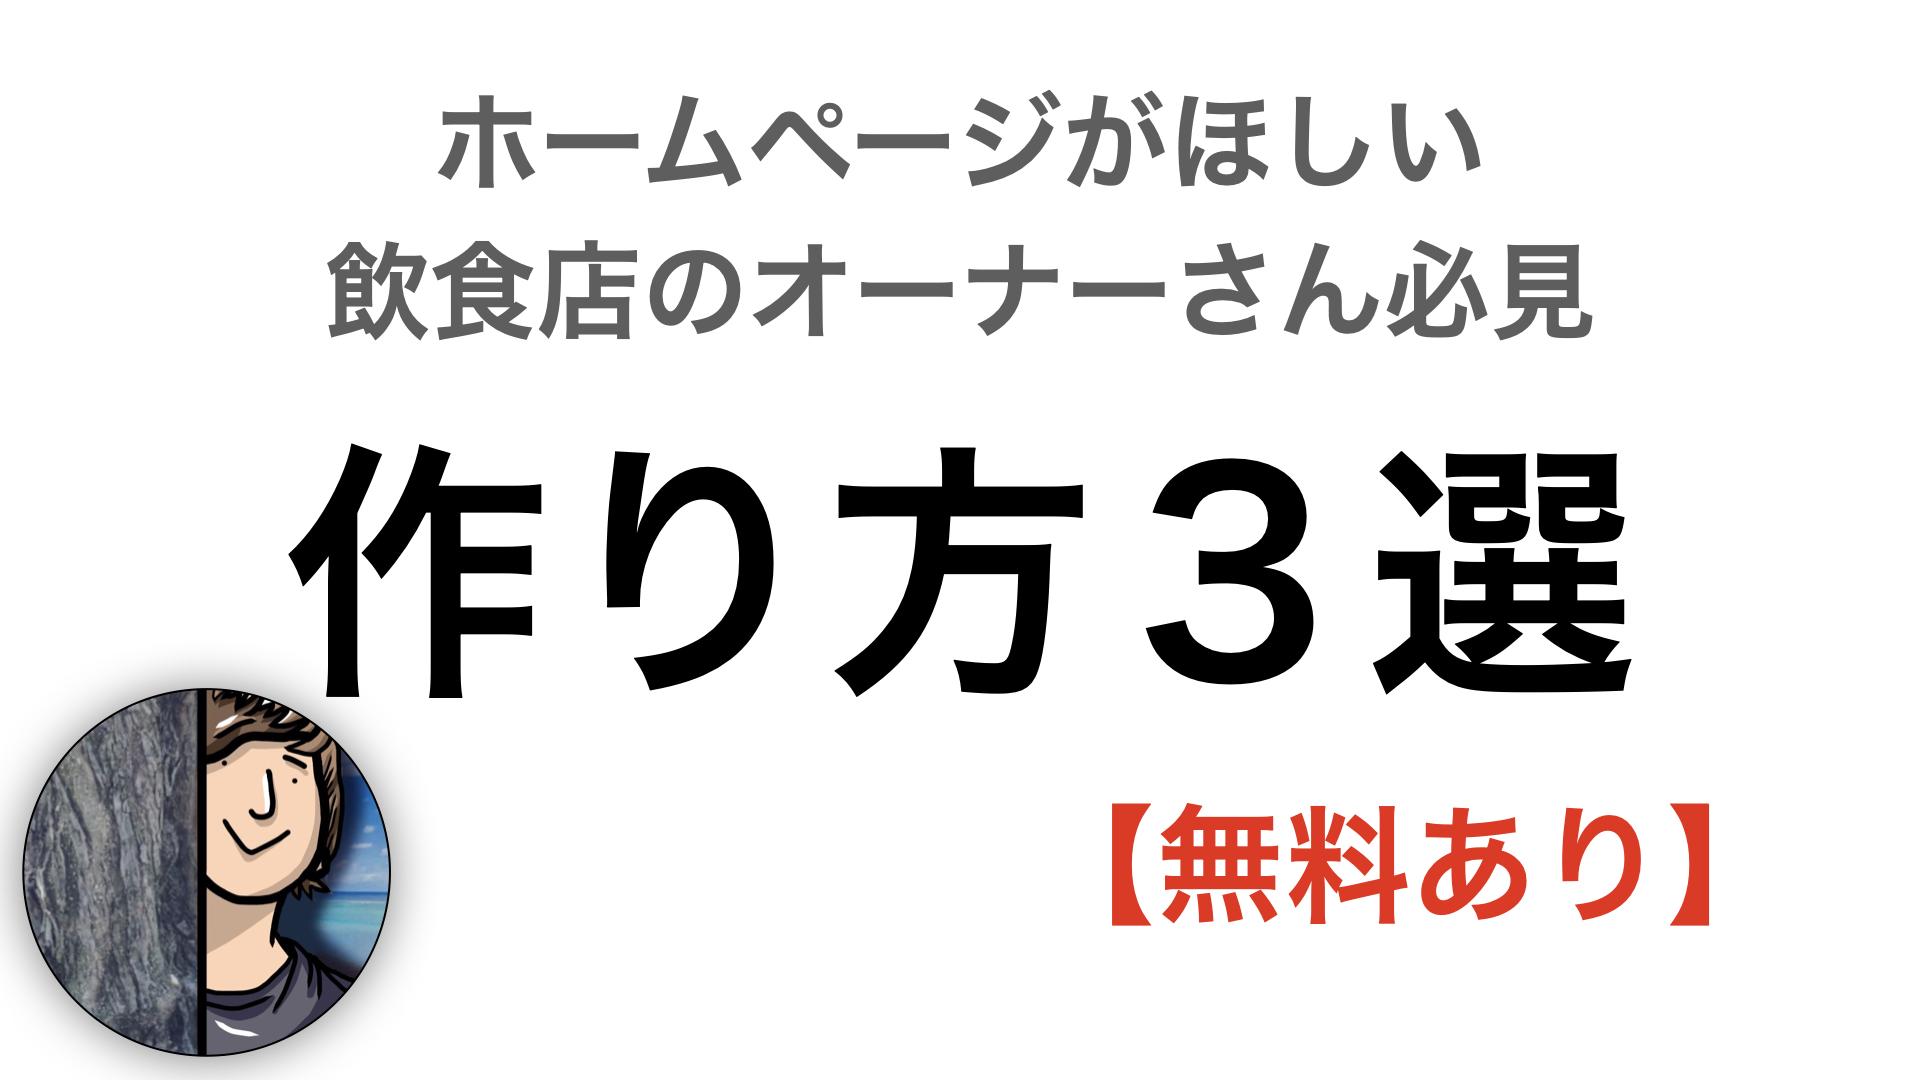 【無料あり】飲食店のホームページ制作!(知識ゼロでOK)